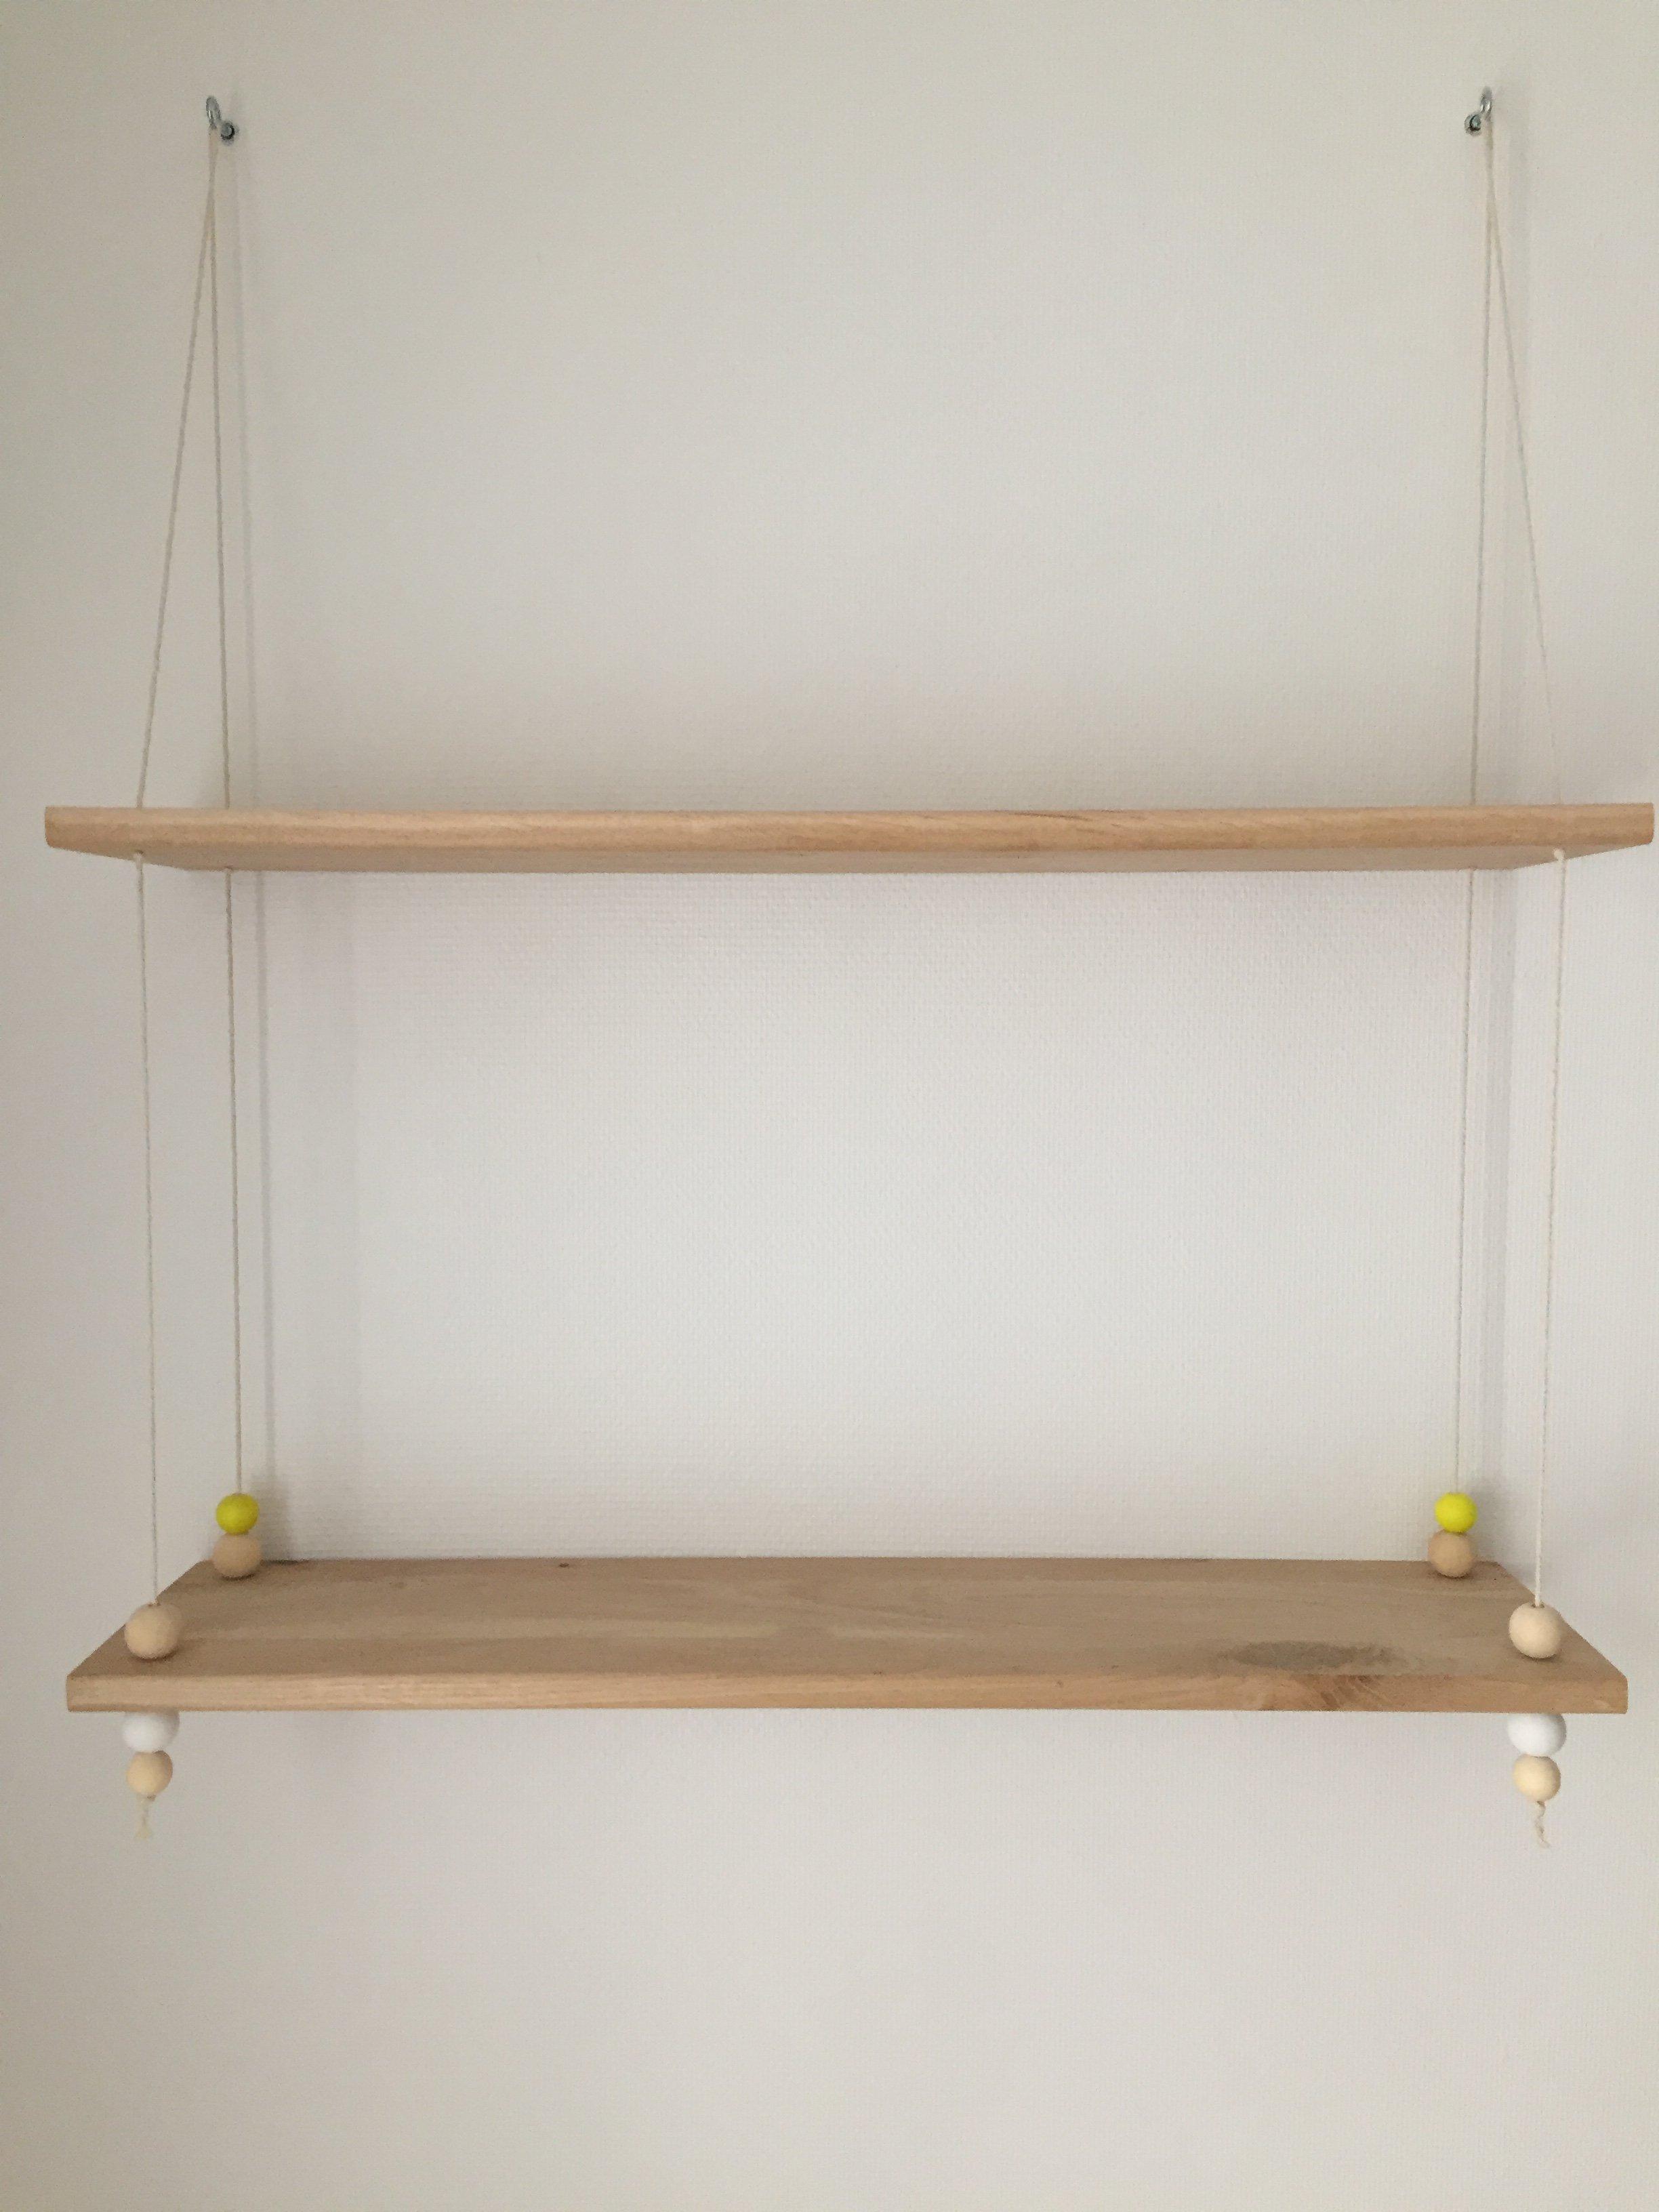 wie kann ich als anf nger eine etagere selber bauen bastelideen diy zenideen. Black Bedroom Furniture Sets. Home Design Ideas